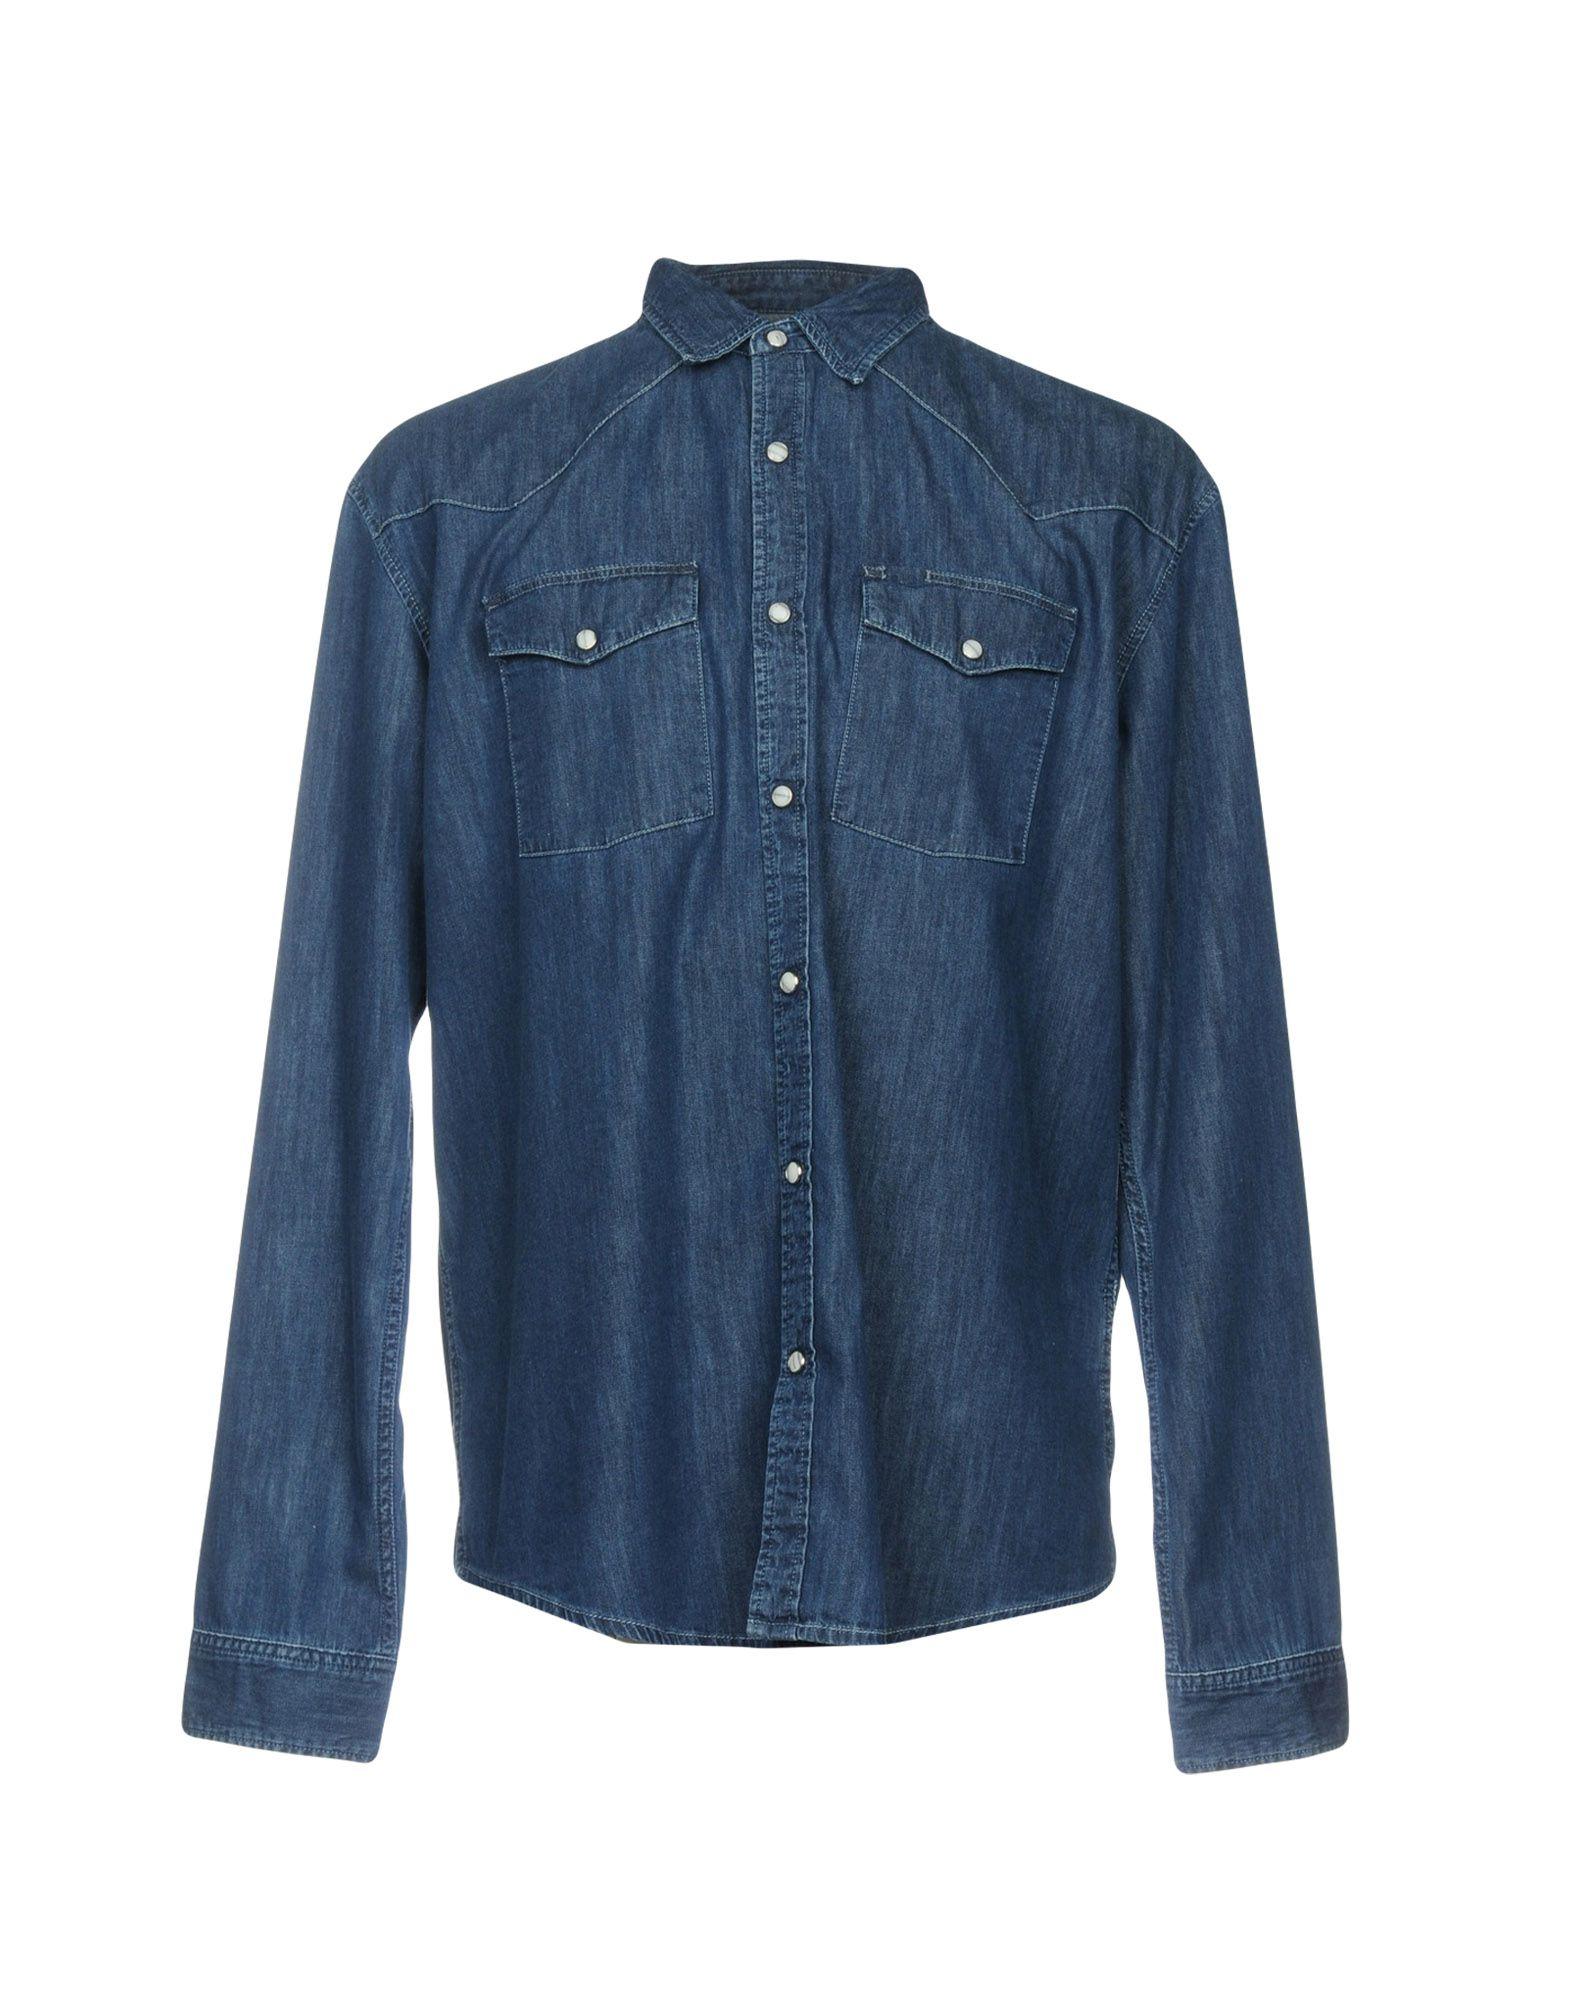 EDWIN Джинсовая рубашка рубашка джинсовая с рисунком сердце 3 12 лет